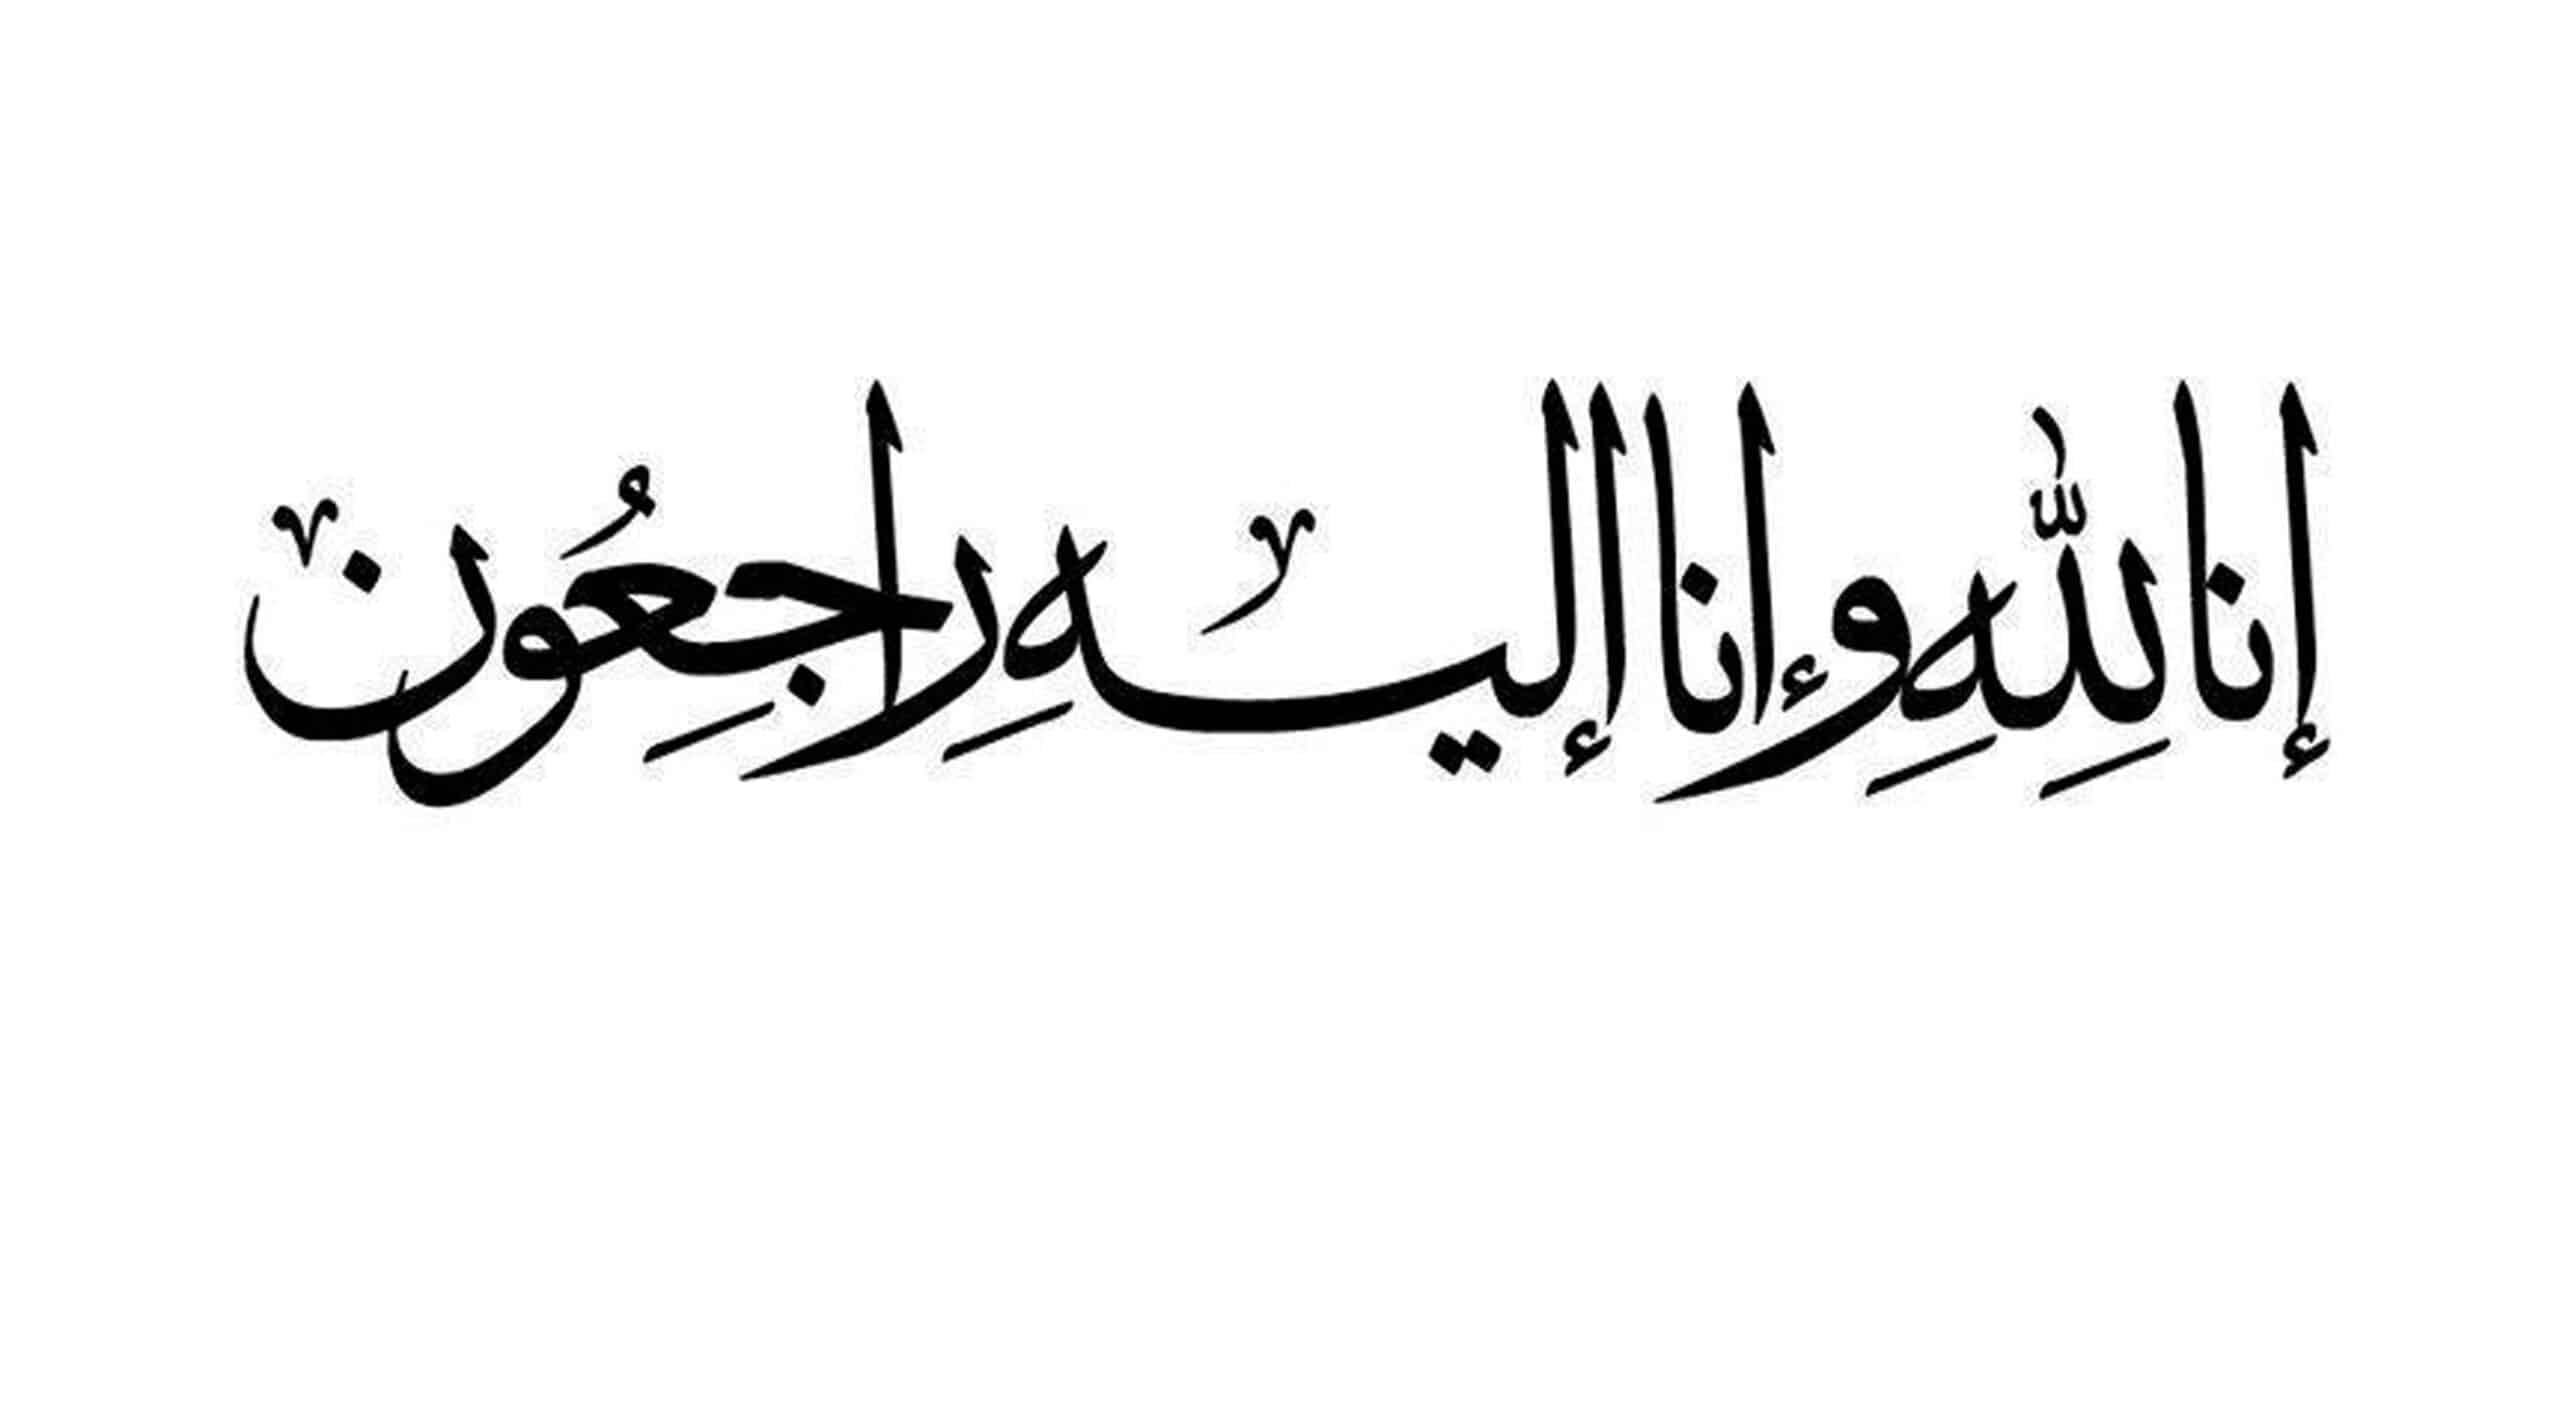 tulisan arab innalillahi autotext arti makna penjelasan dan hikmah tulisan arab innalillahi autotext